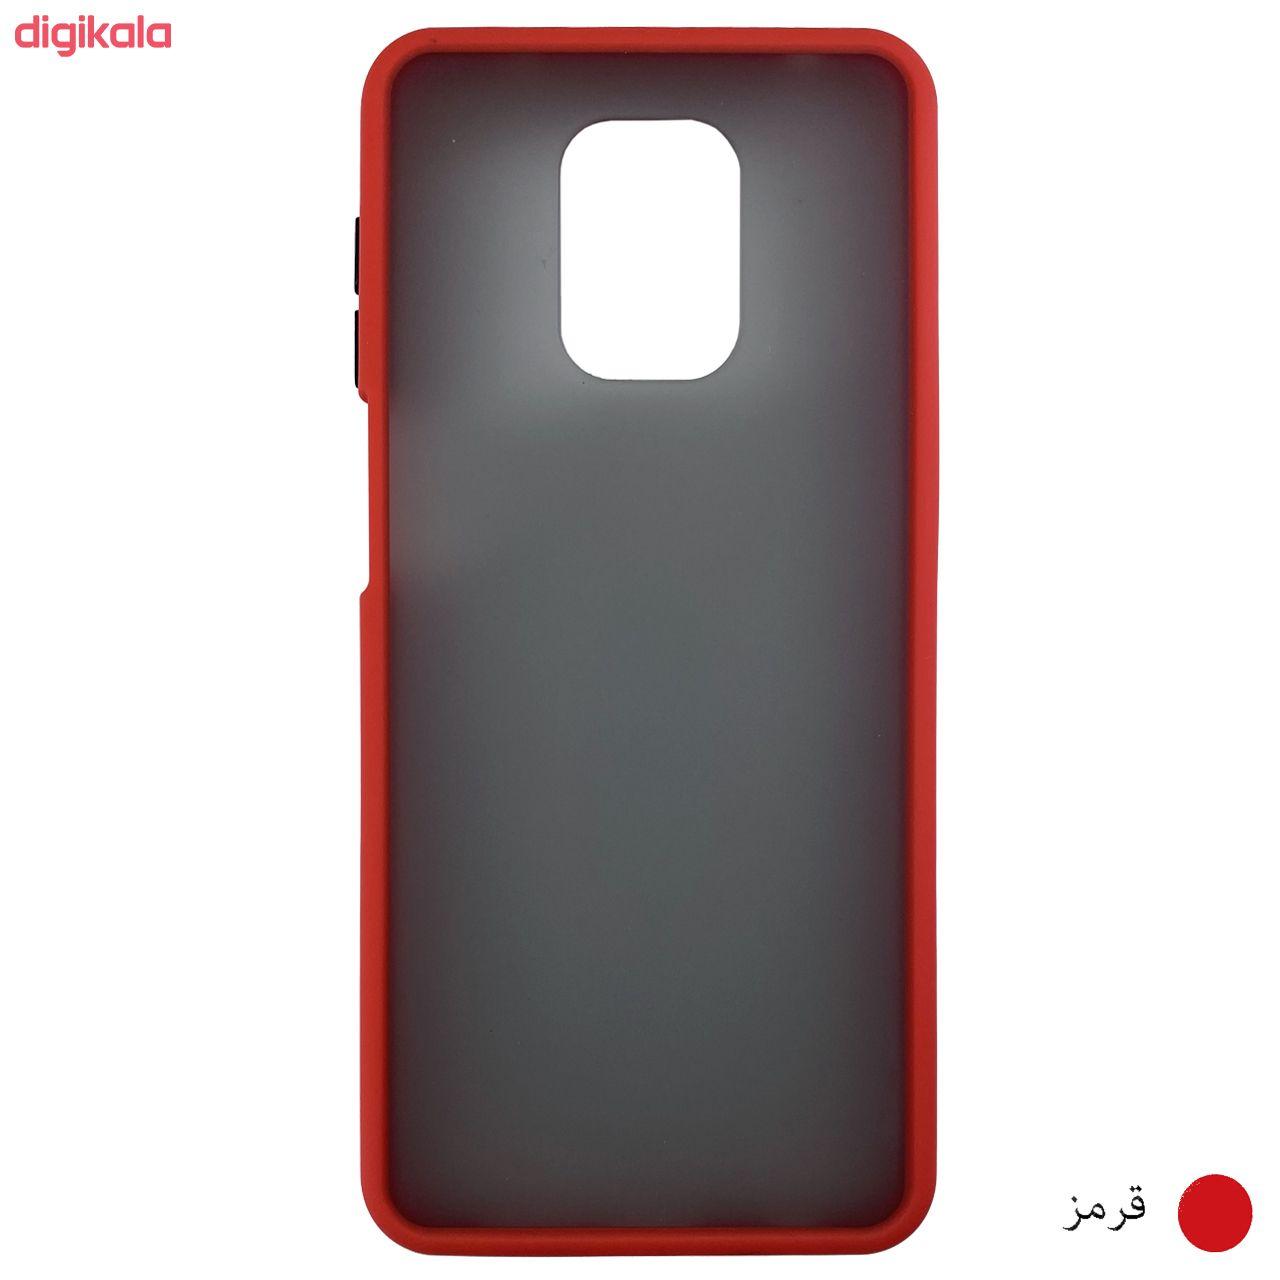 مشخصات قیمت و خرید کاور مدل Mtt مناسب برای گوشی موبایل شیائومی Redmi Note 9s دیجی کالا